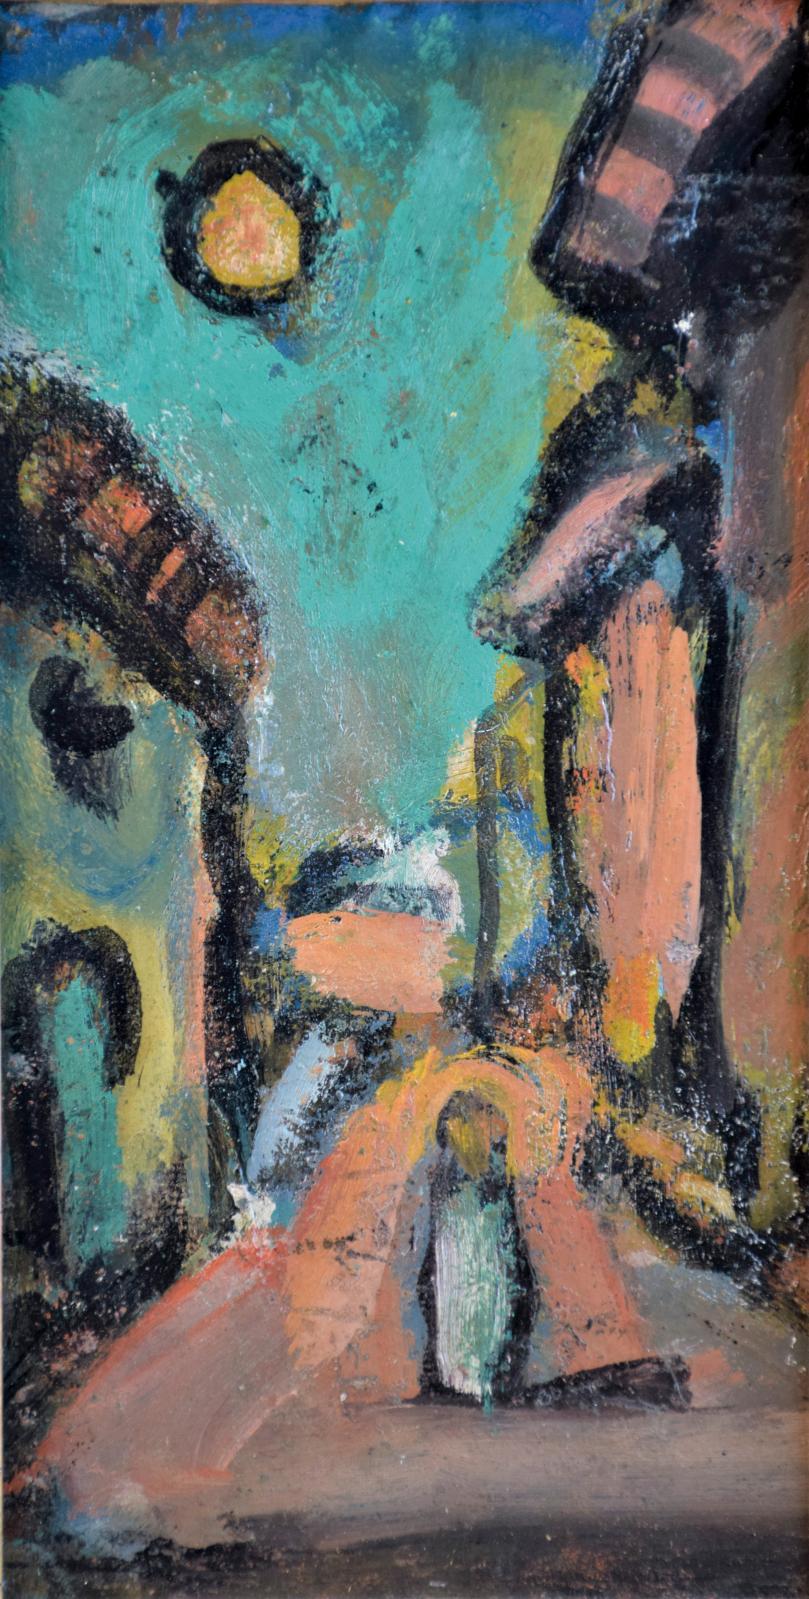 Georges Rouault (1871-1958) s'était égalementinvité à Rouen avec cette toile de petitesdimensions (26x14cm), qui n'en contenaitpas m